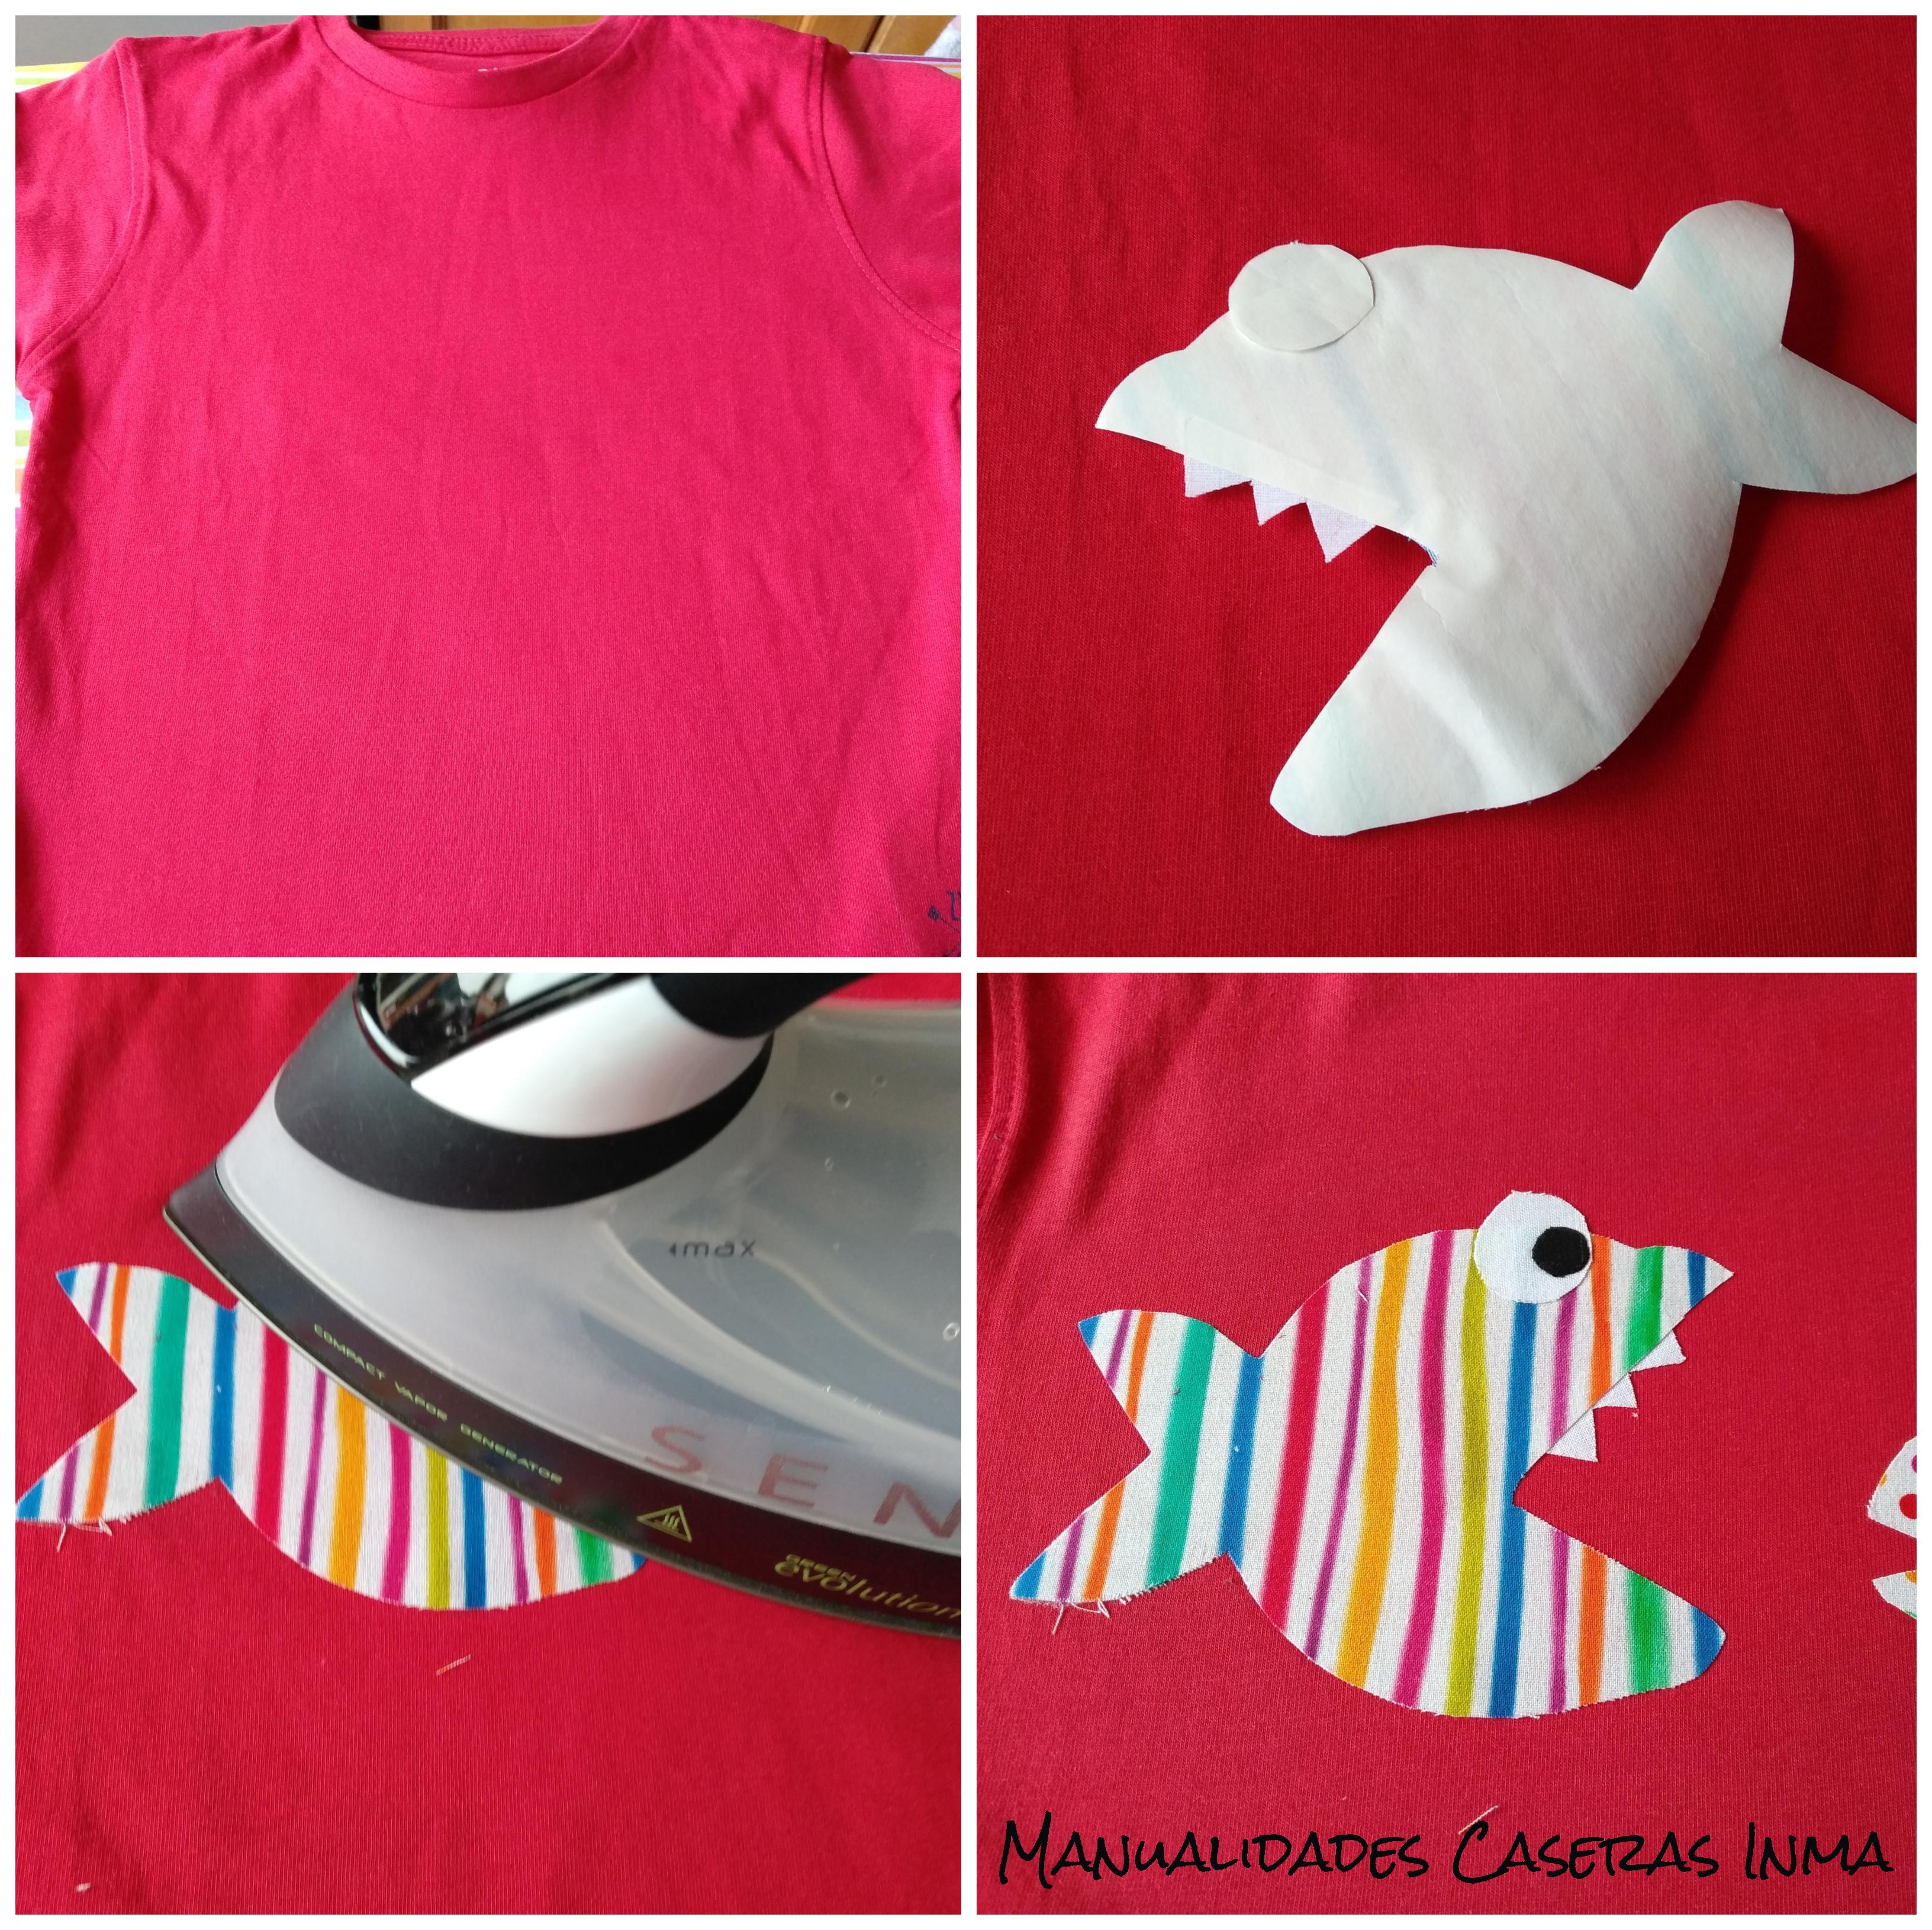 Manualidades Caseras Inma_ Tutorial de como pegar un aplique en una camiseta